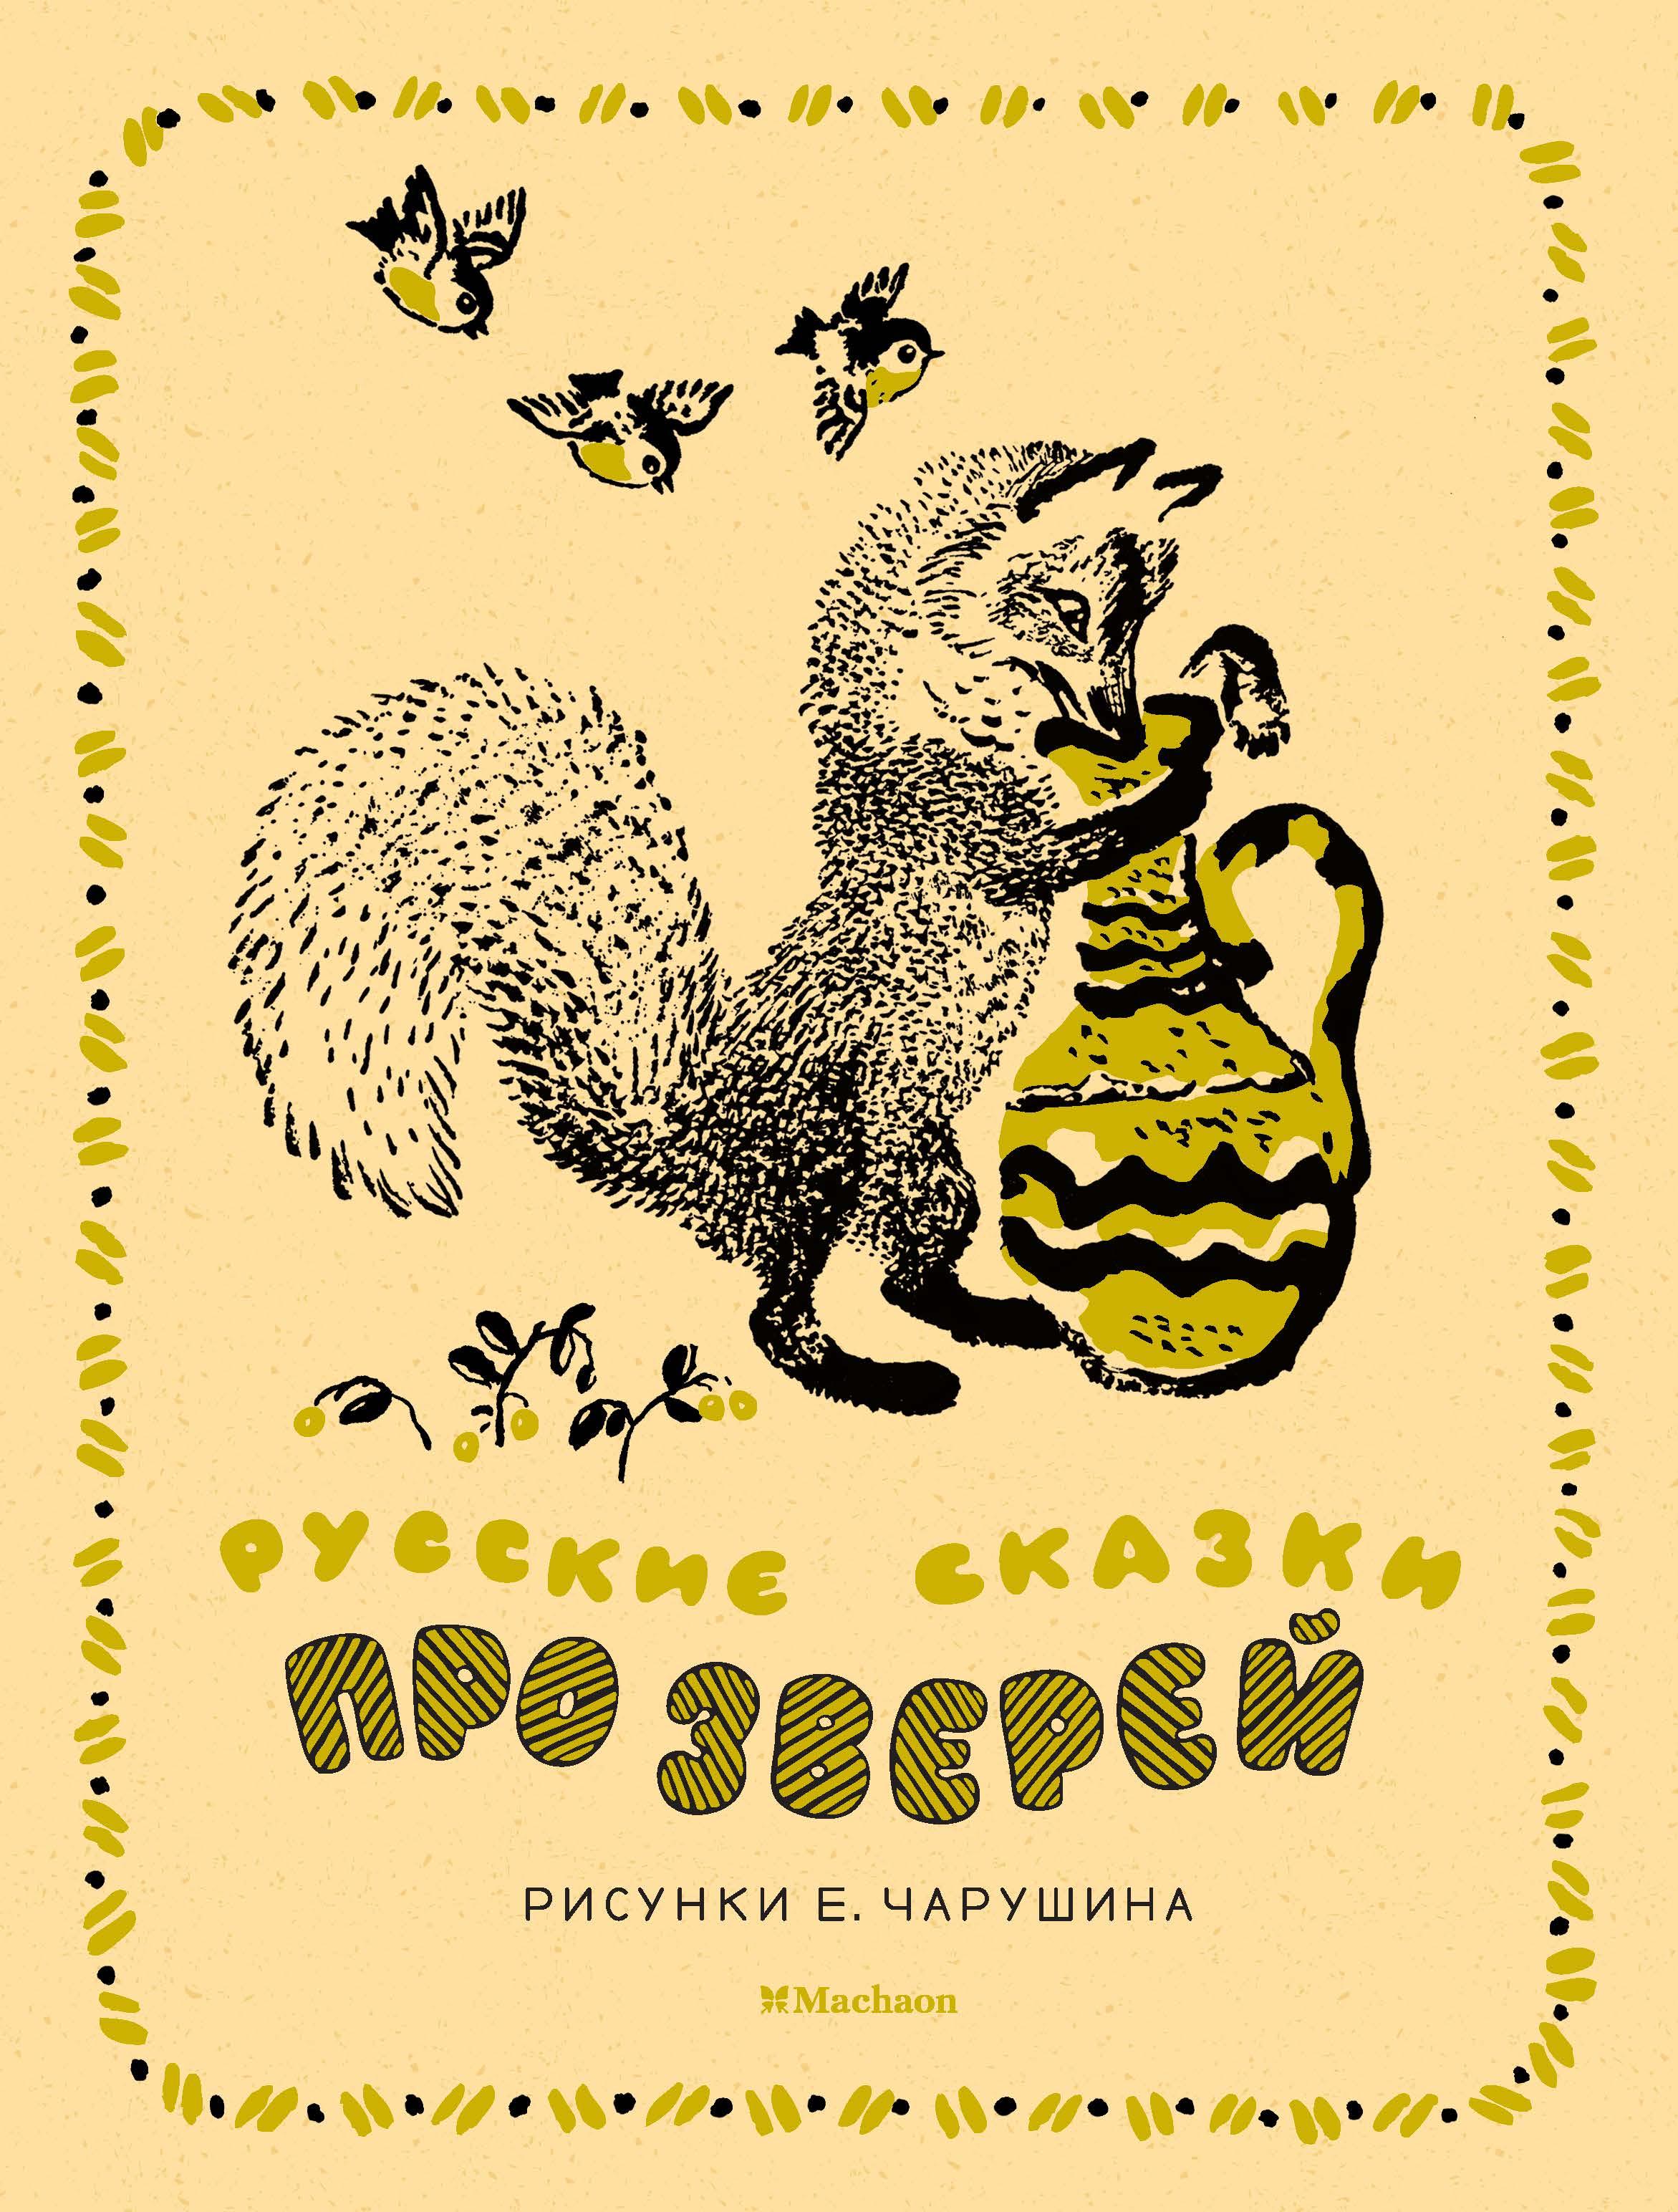 Русские сказки про зверей (иллюстр. Е. Чарушина)